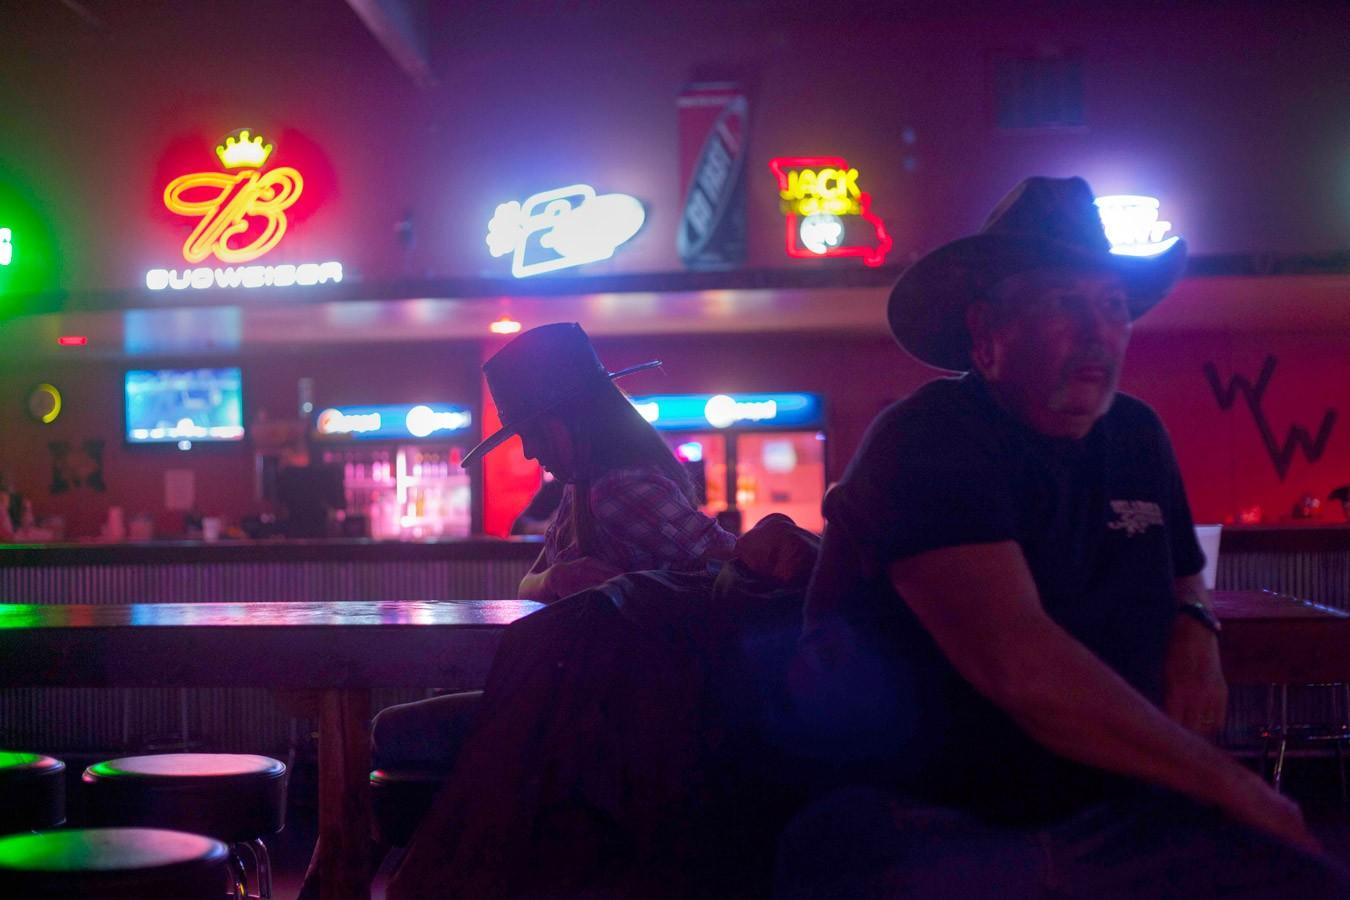 Woman at Country Music Bar | Mujer en Bar Country (2012)